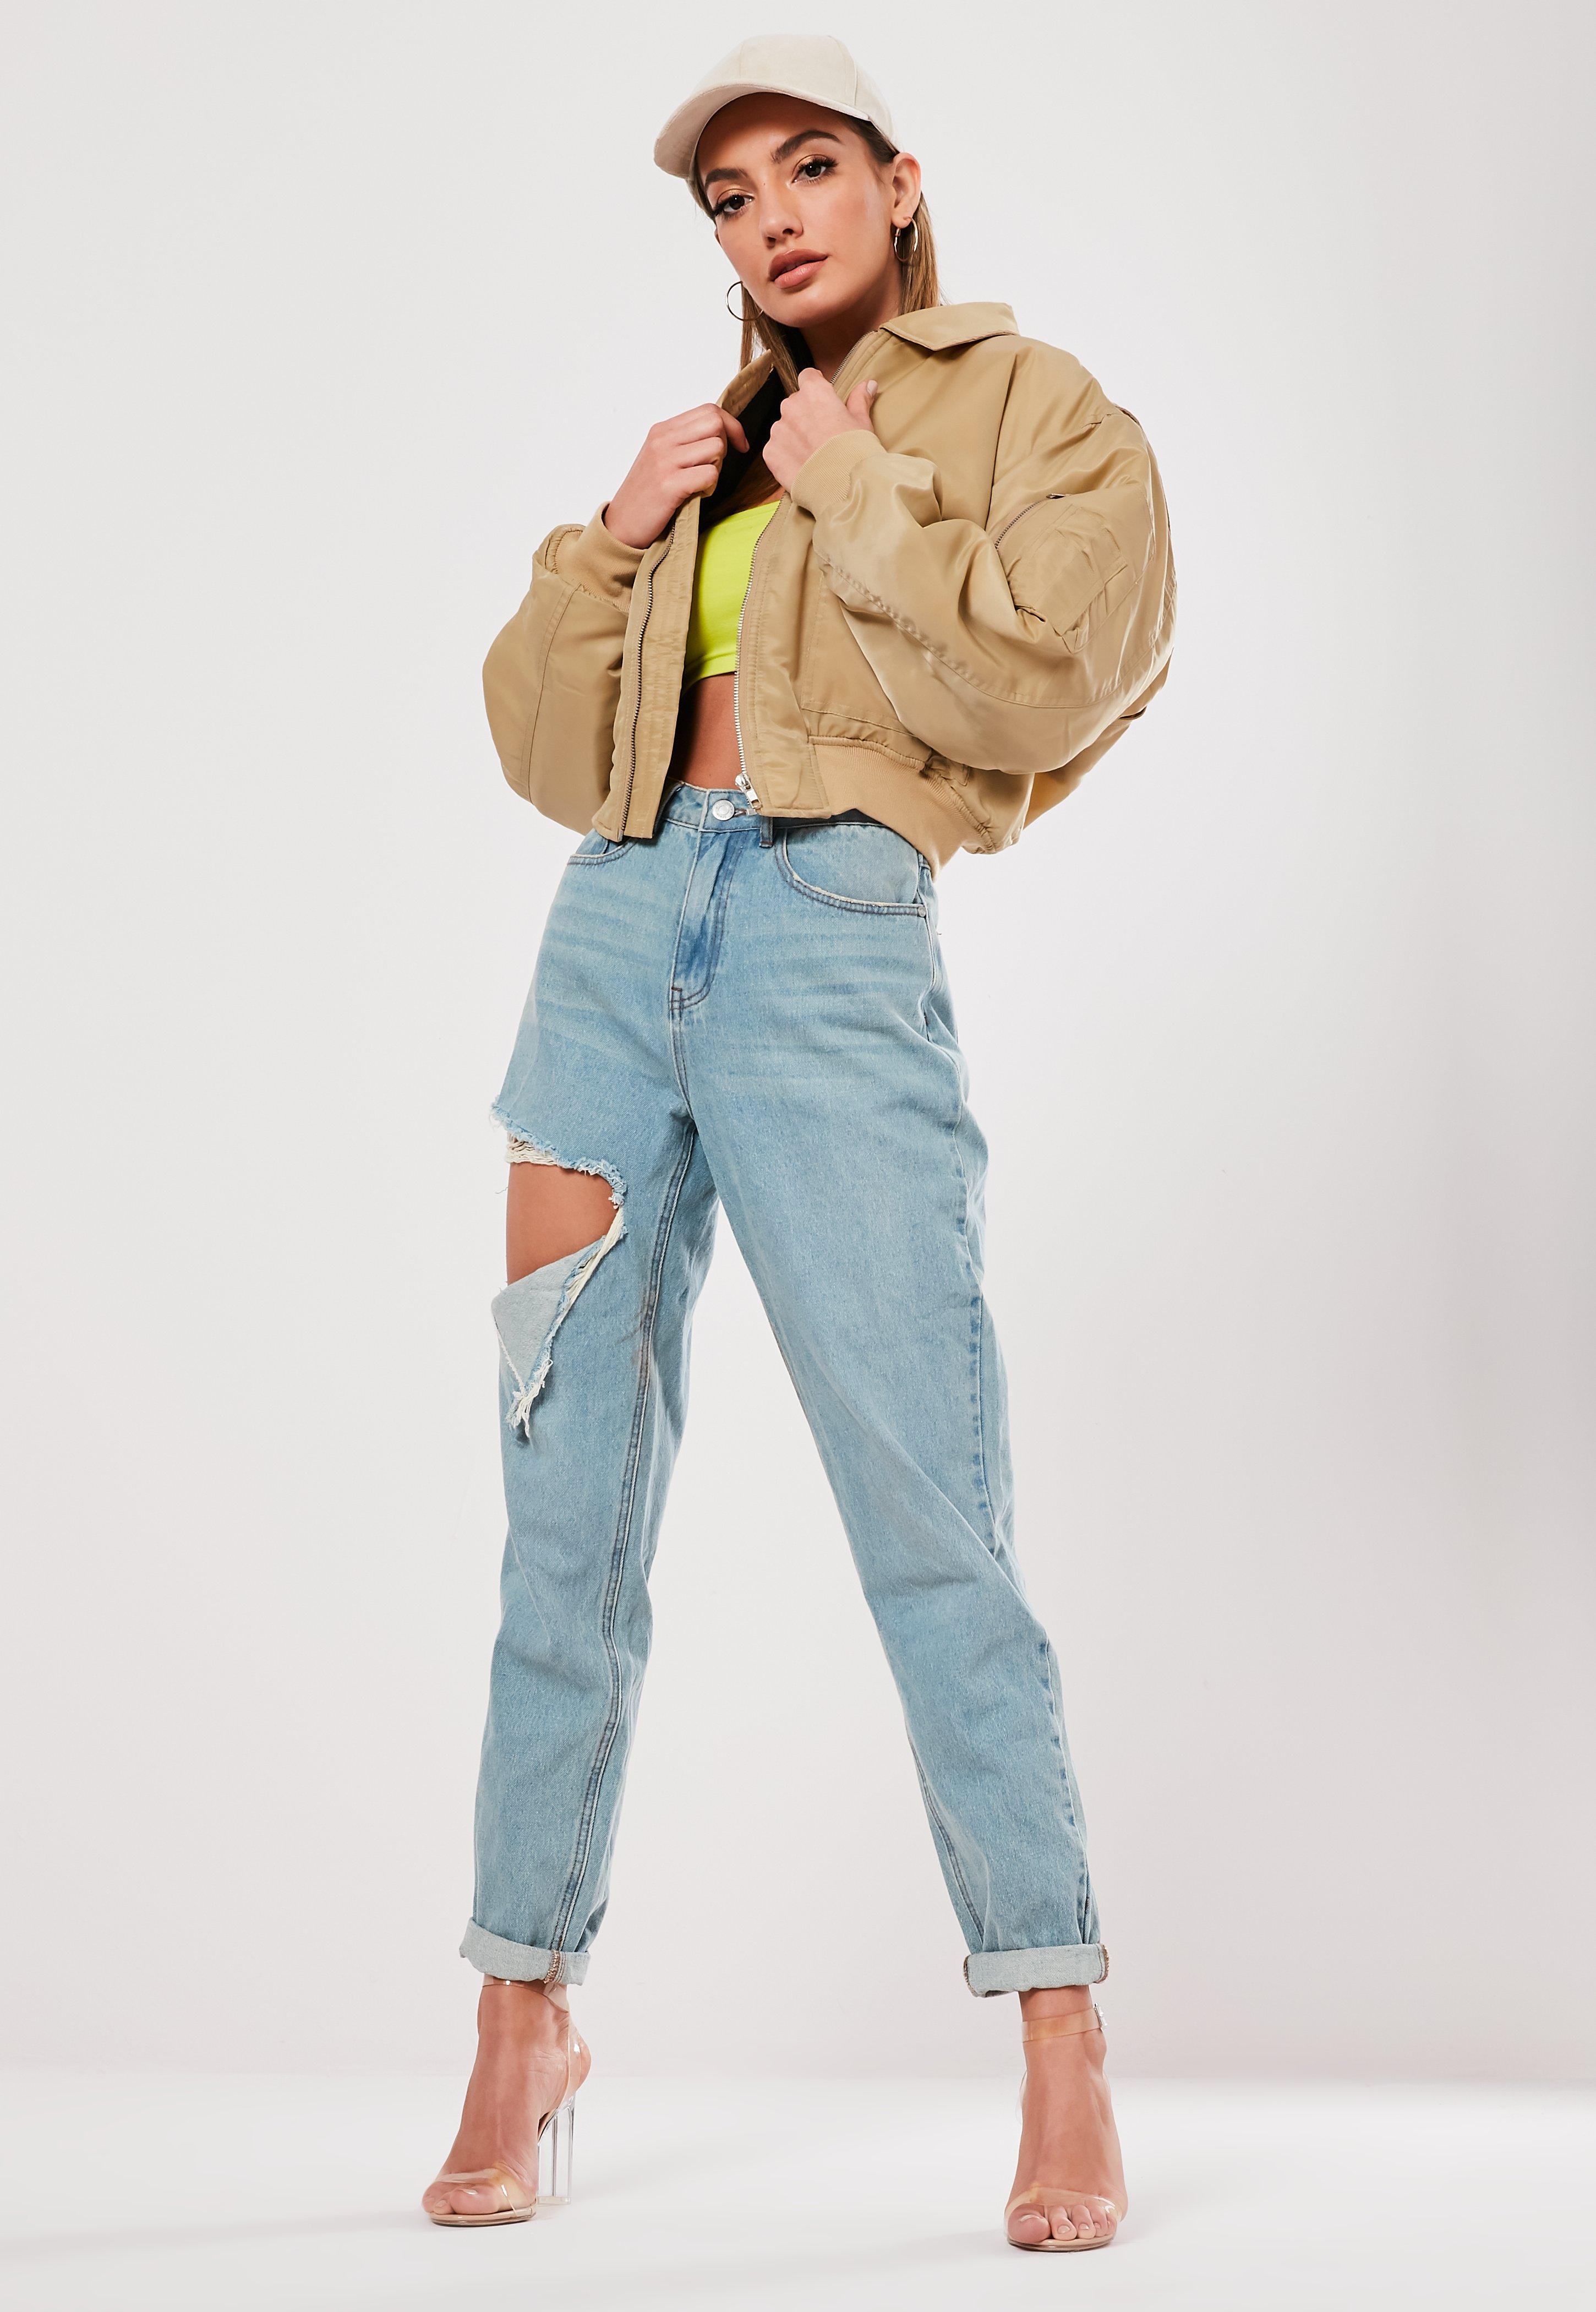 c8a86e94a0 Petite Clothing